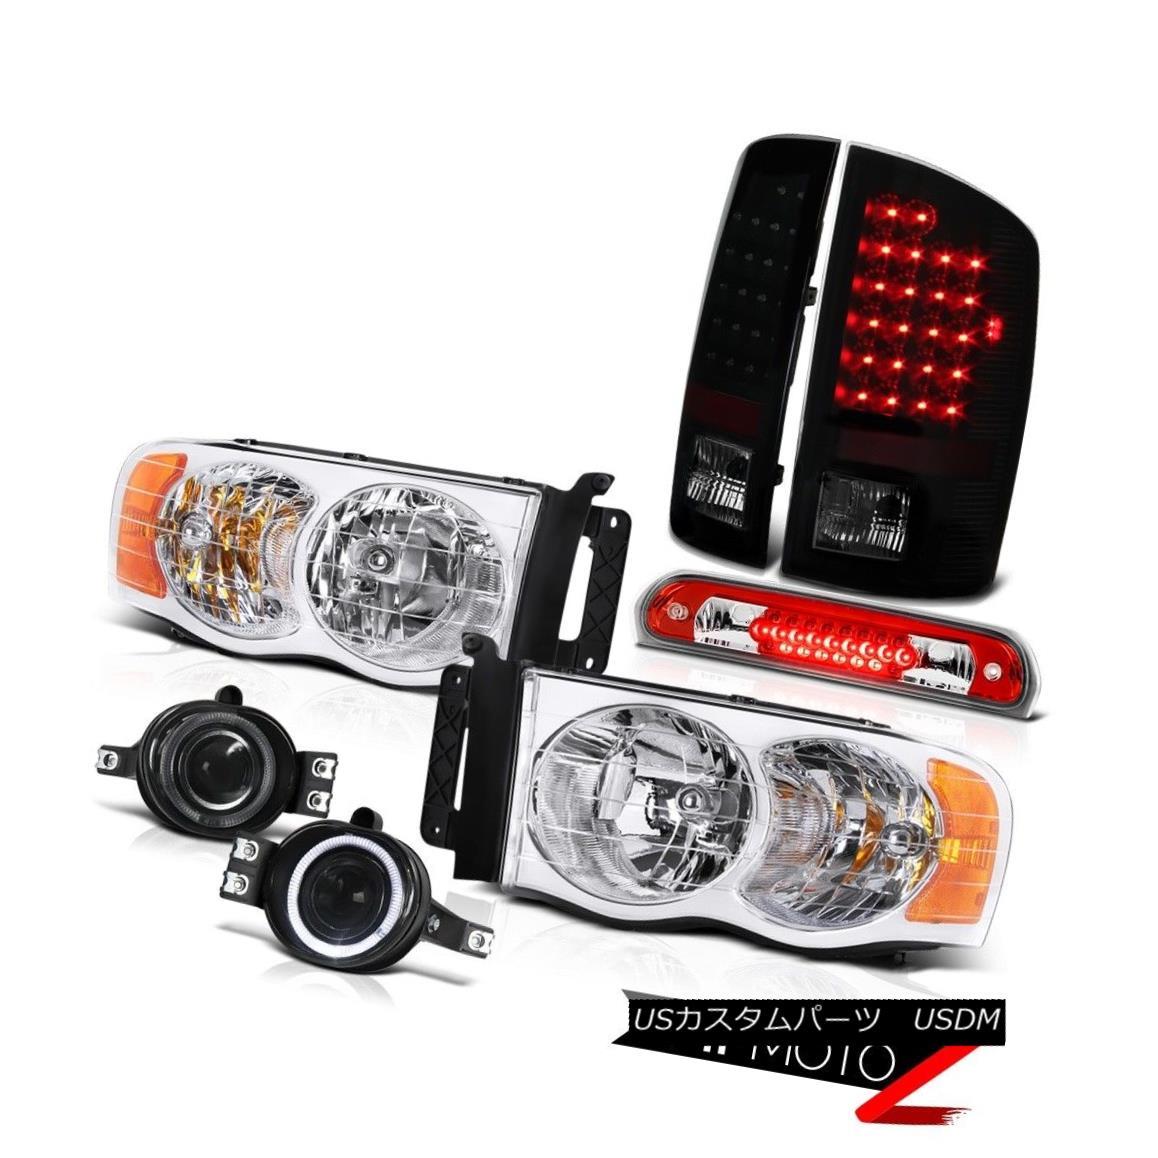 テールライト 02-05 Ram 1500 Pair Headlight Sinister Black LED Tail Light Bumper Fog High Stop 02-05ラム1500ペアヘッドライトシニスターブラックLEDテールライトバンパーフォグハイストップ